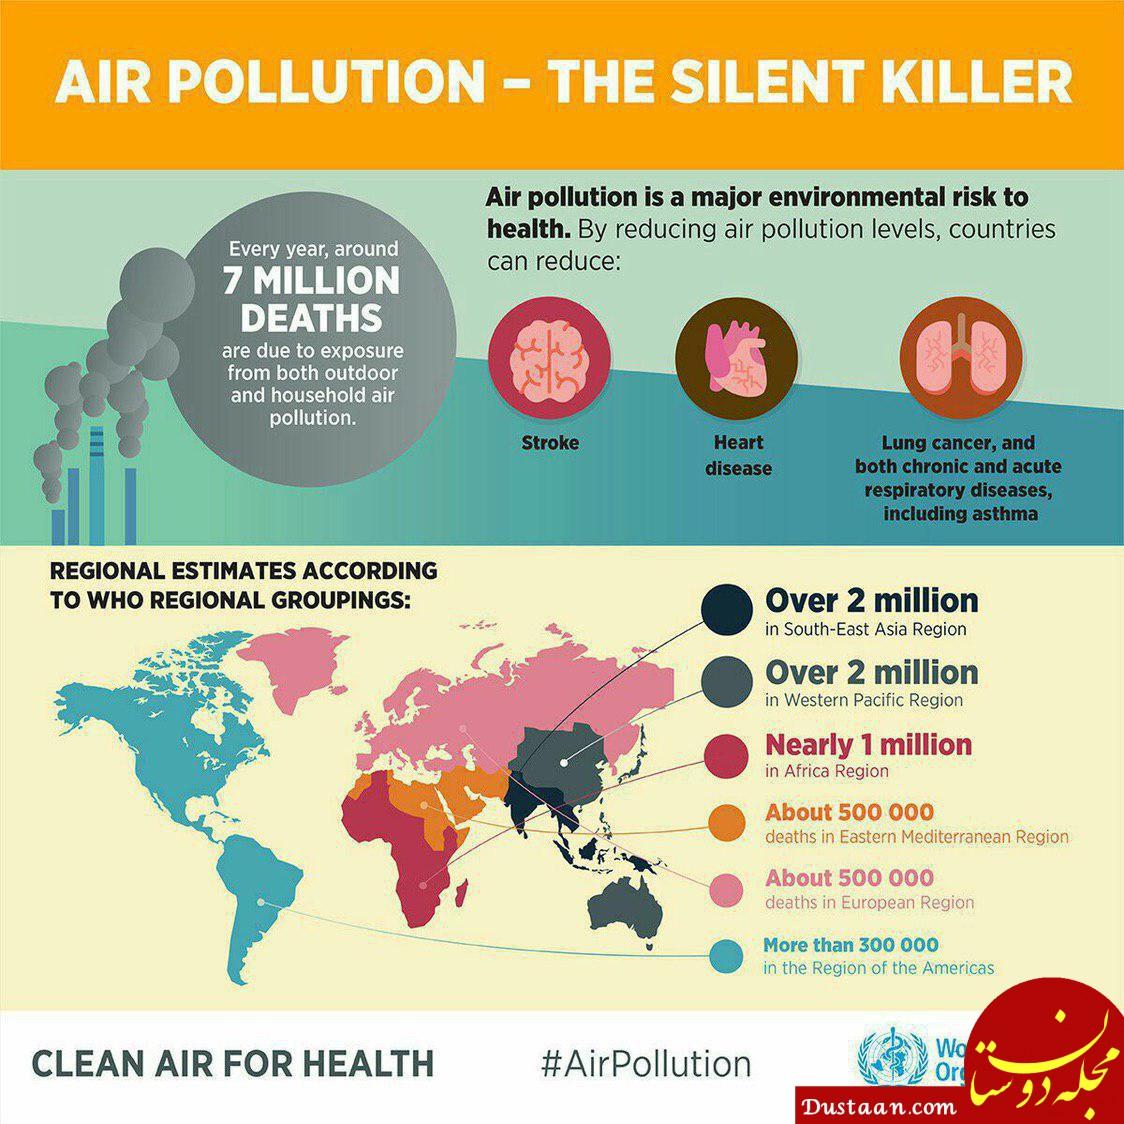 آلودگی هوا و مرگ سالانه 7 میلیون انسان در جهان